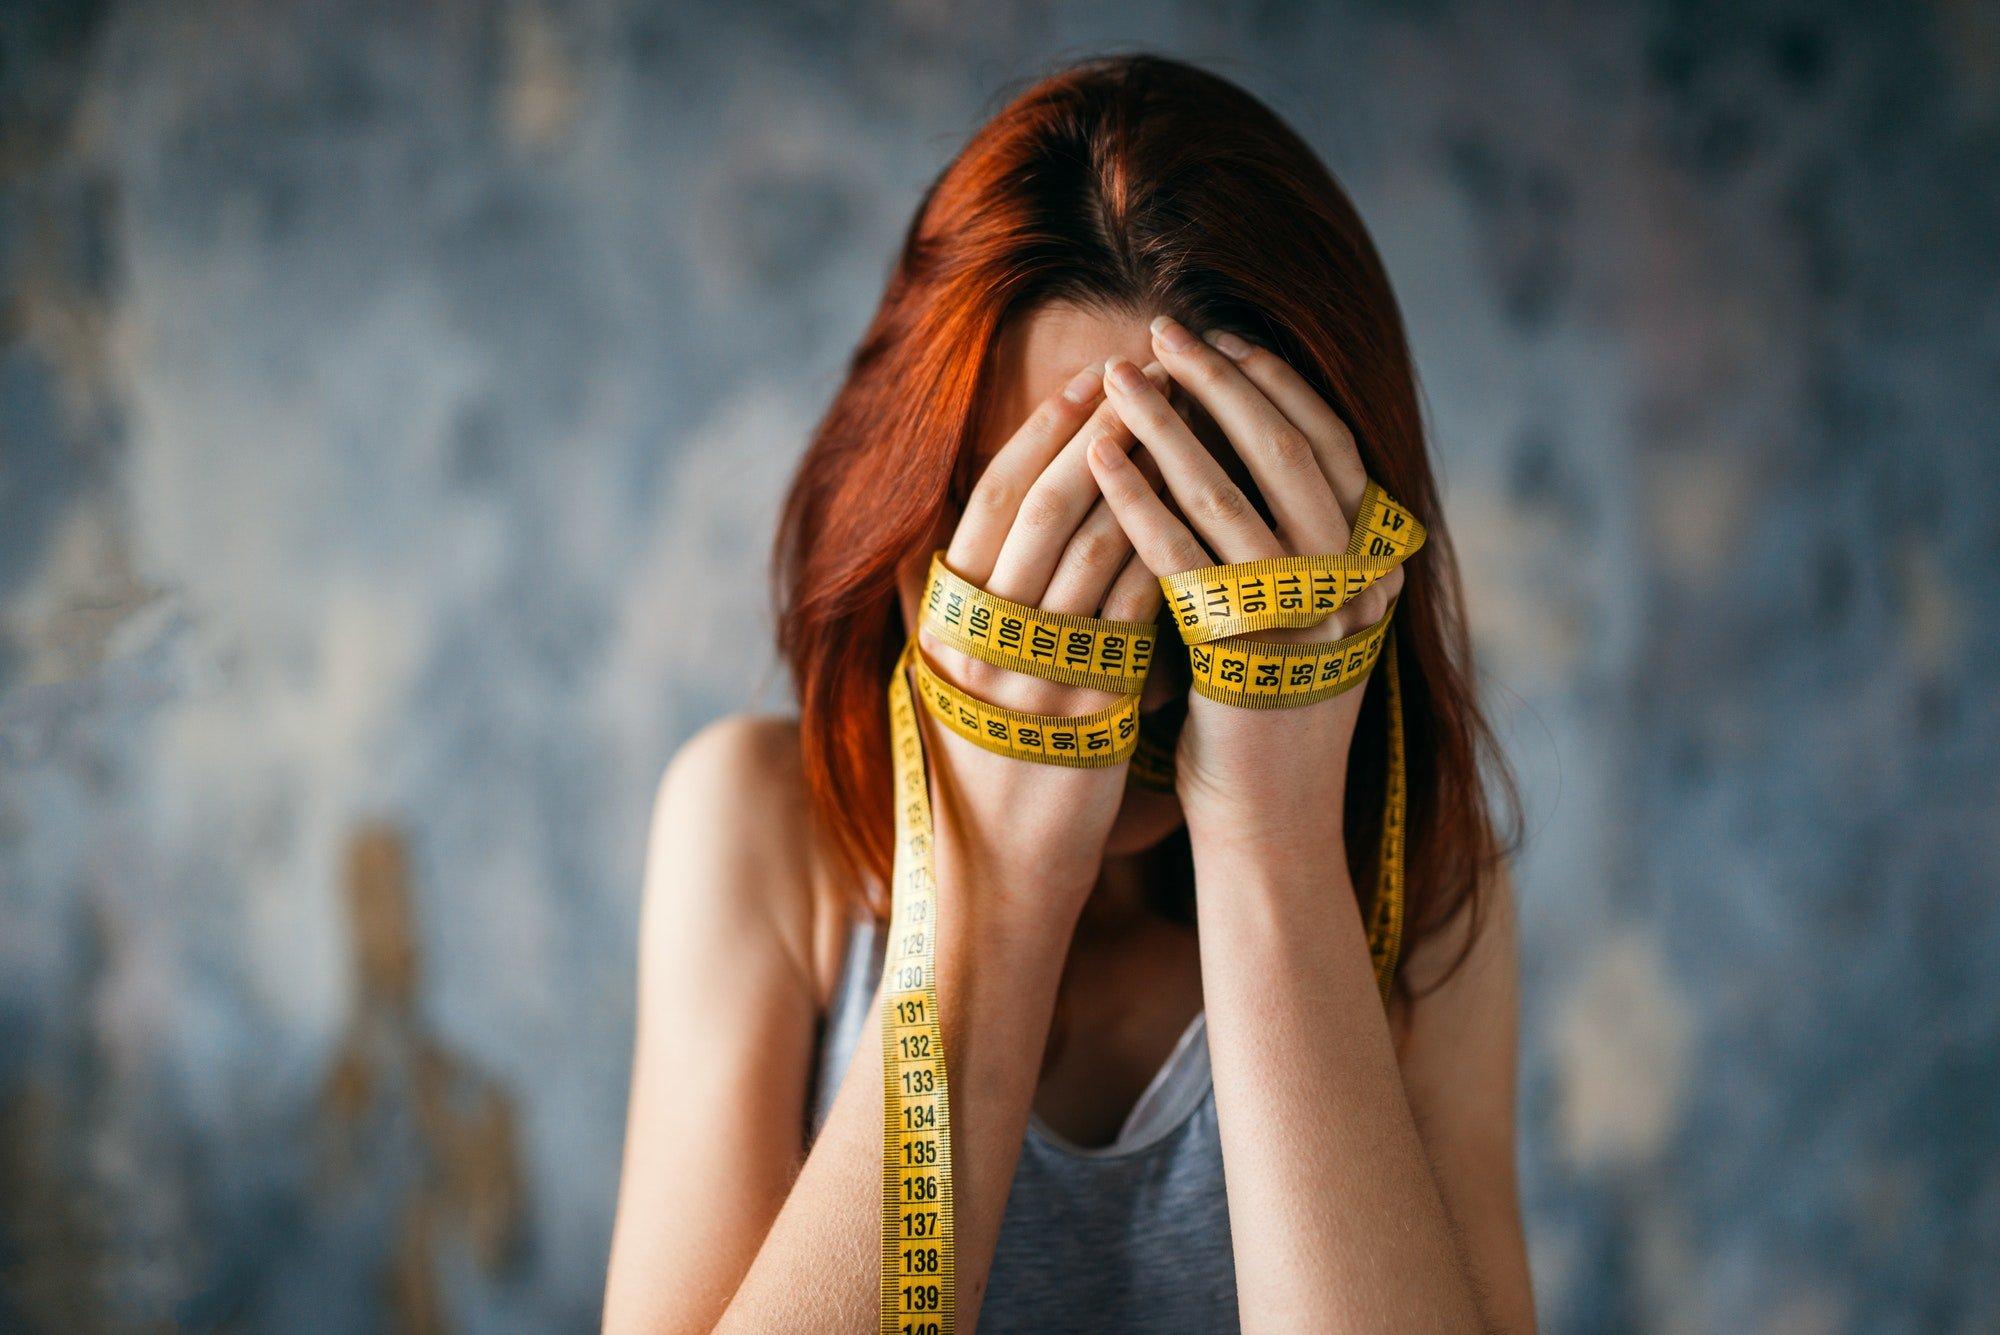 Gesichtsfett - 5 Gründe, warum dein Gesicht dicker aussieht, als es wirklich ist.